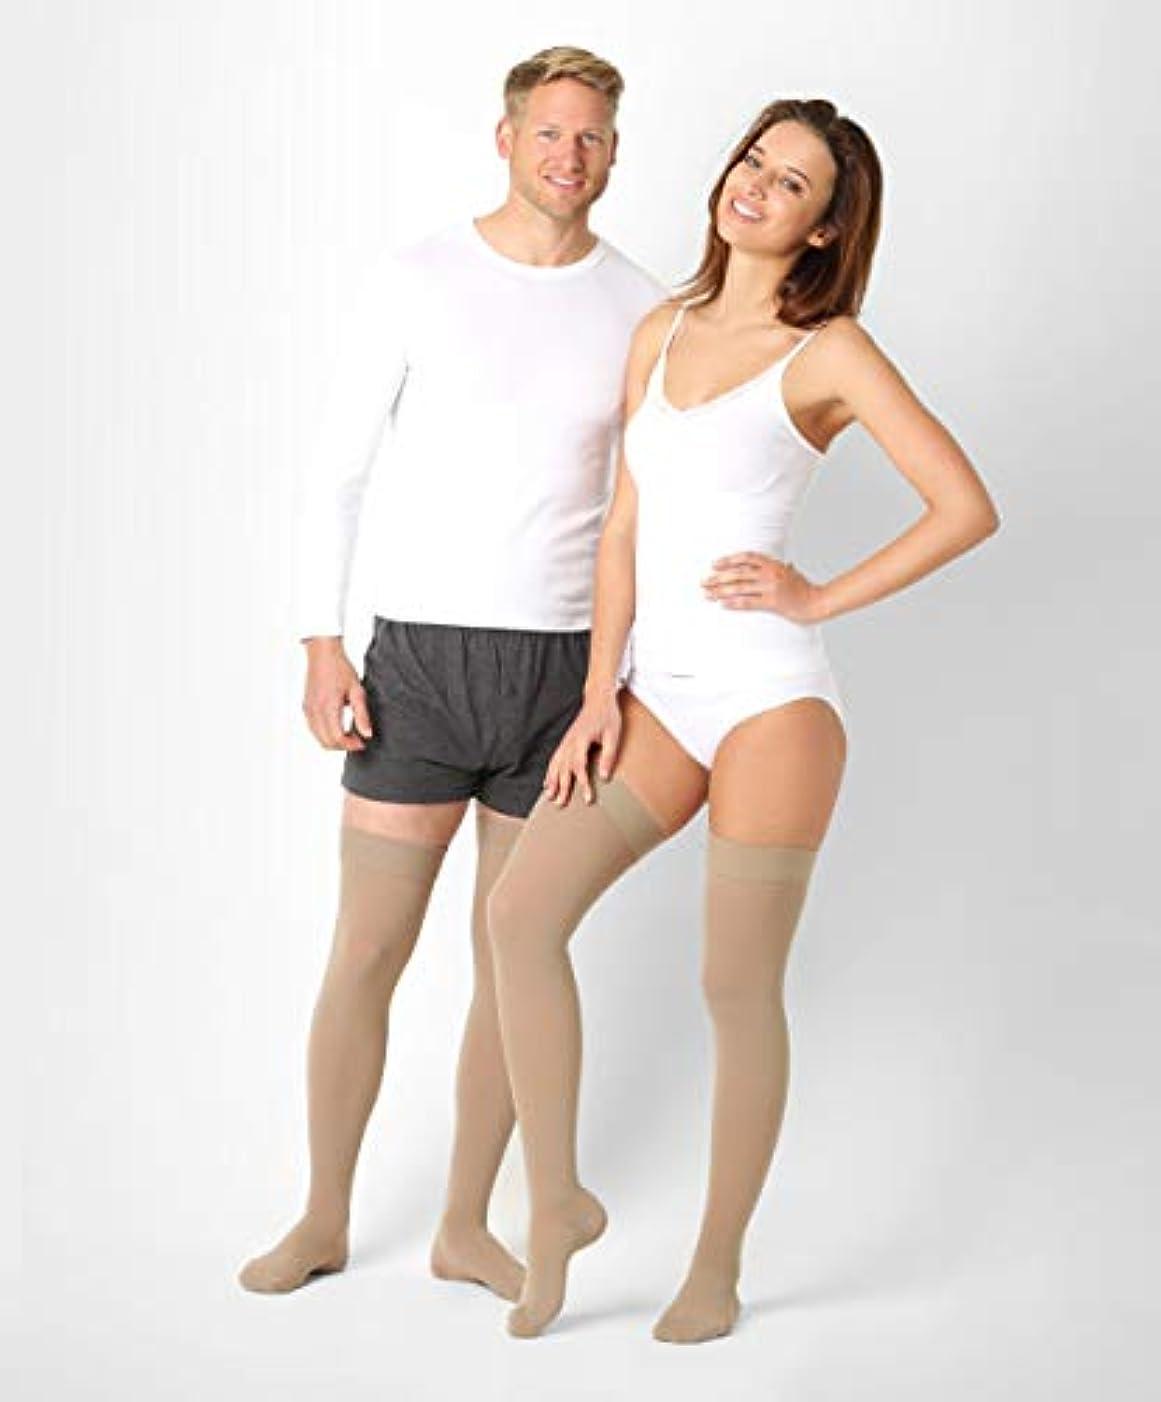 謎威する西部BeFit24 医療用着圧ストッキング クラス 1 (18-21 mmHg) 男性?女性用 ーあらゆるラ イフスタイルのニーズに対応ー ヨーロッパ製 X-Large Beige